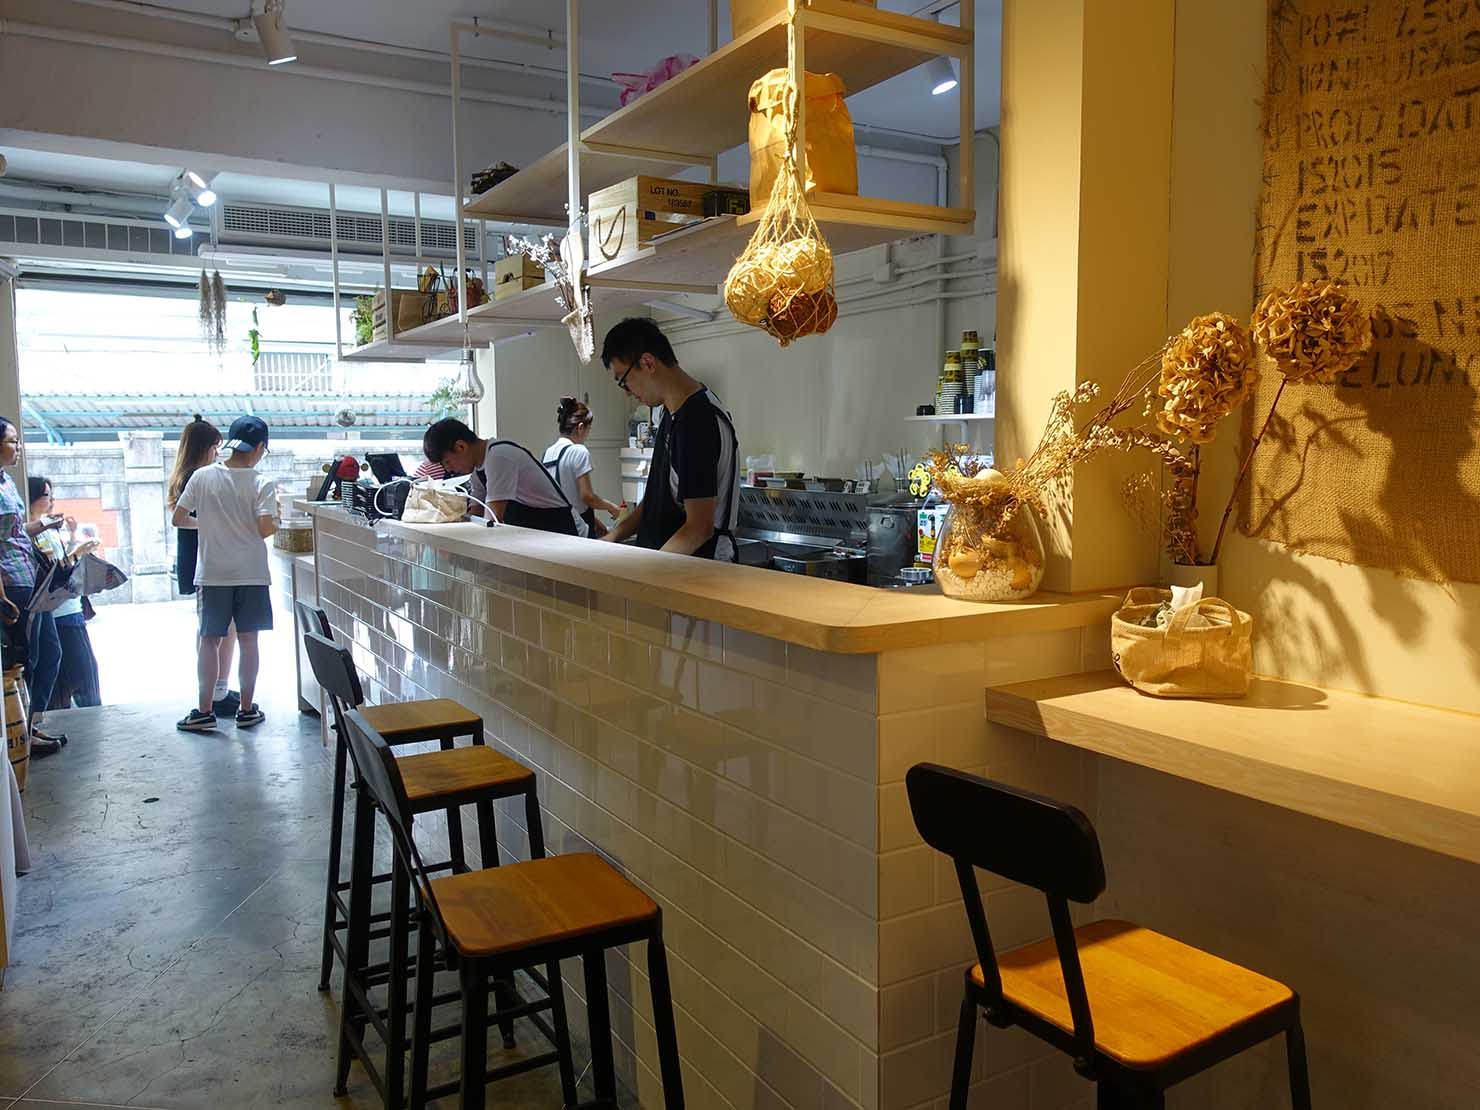 台北・師大夜市のおすすめ台湾グルメ店「蛋幾ㄌㄟˇ」の店内